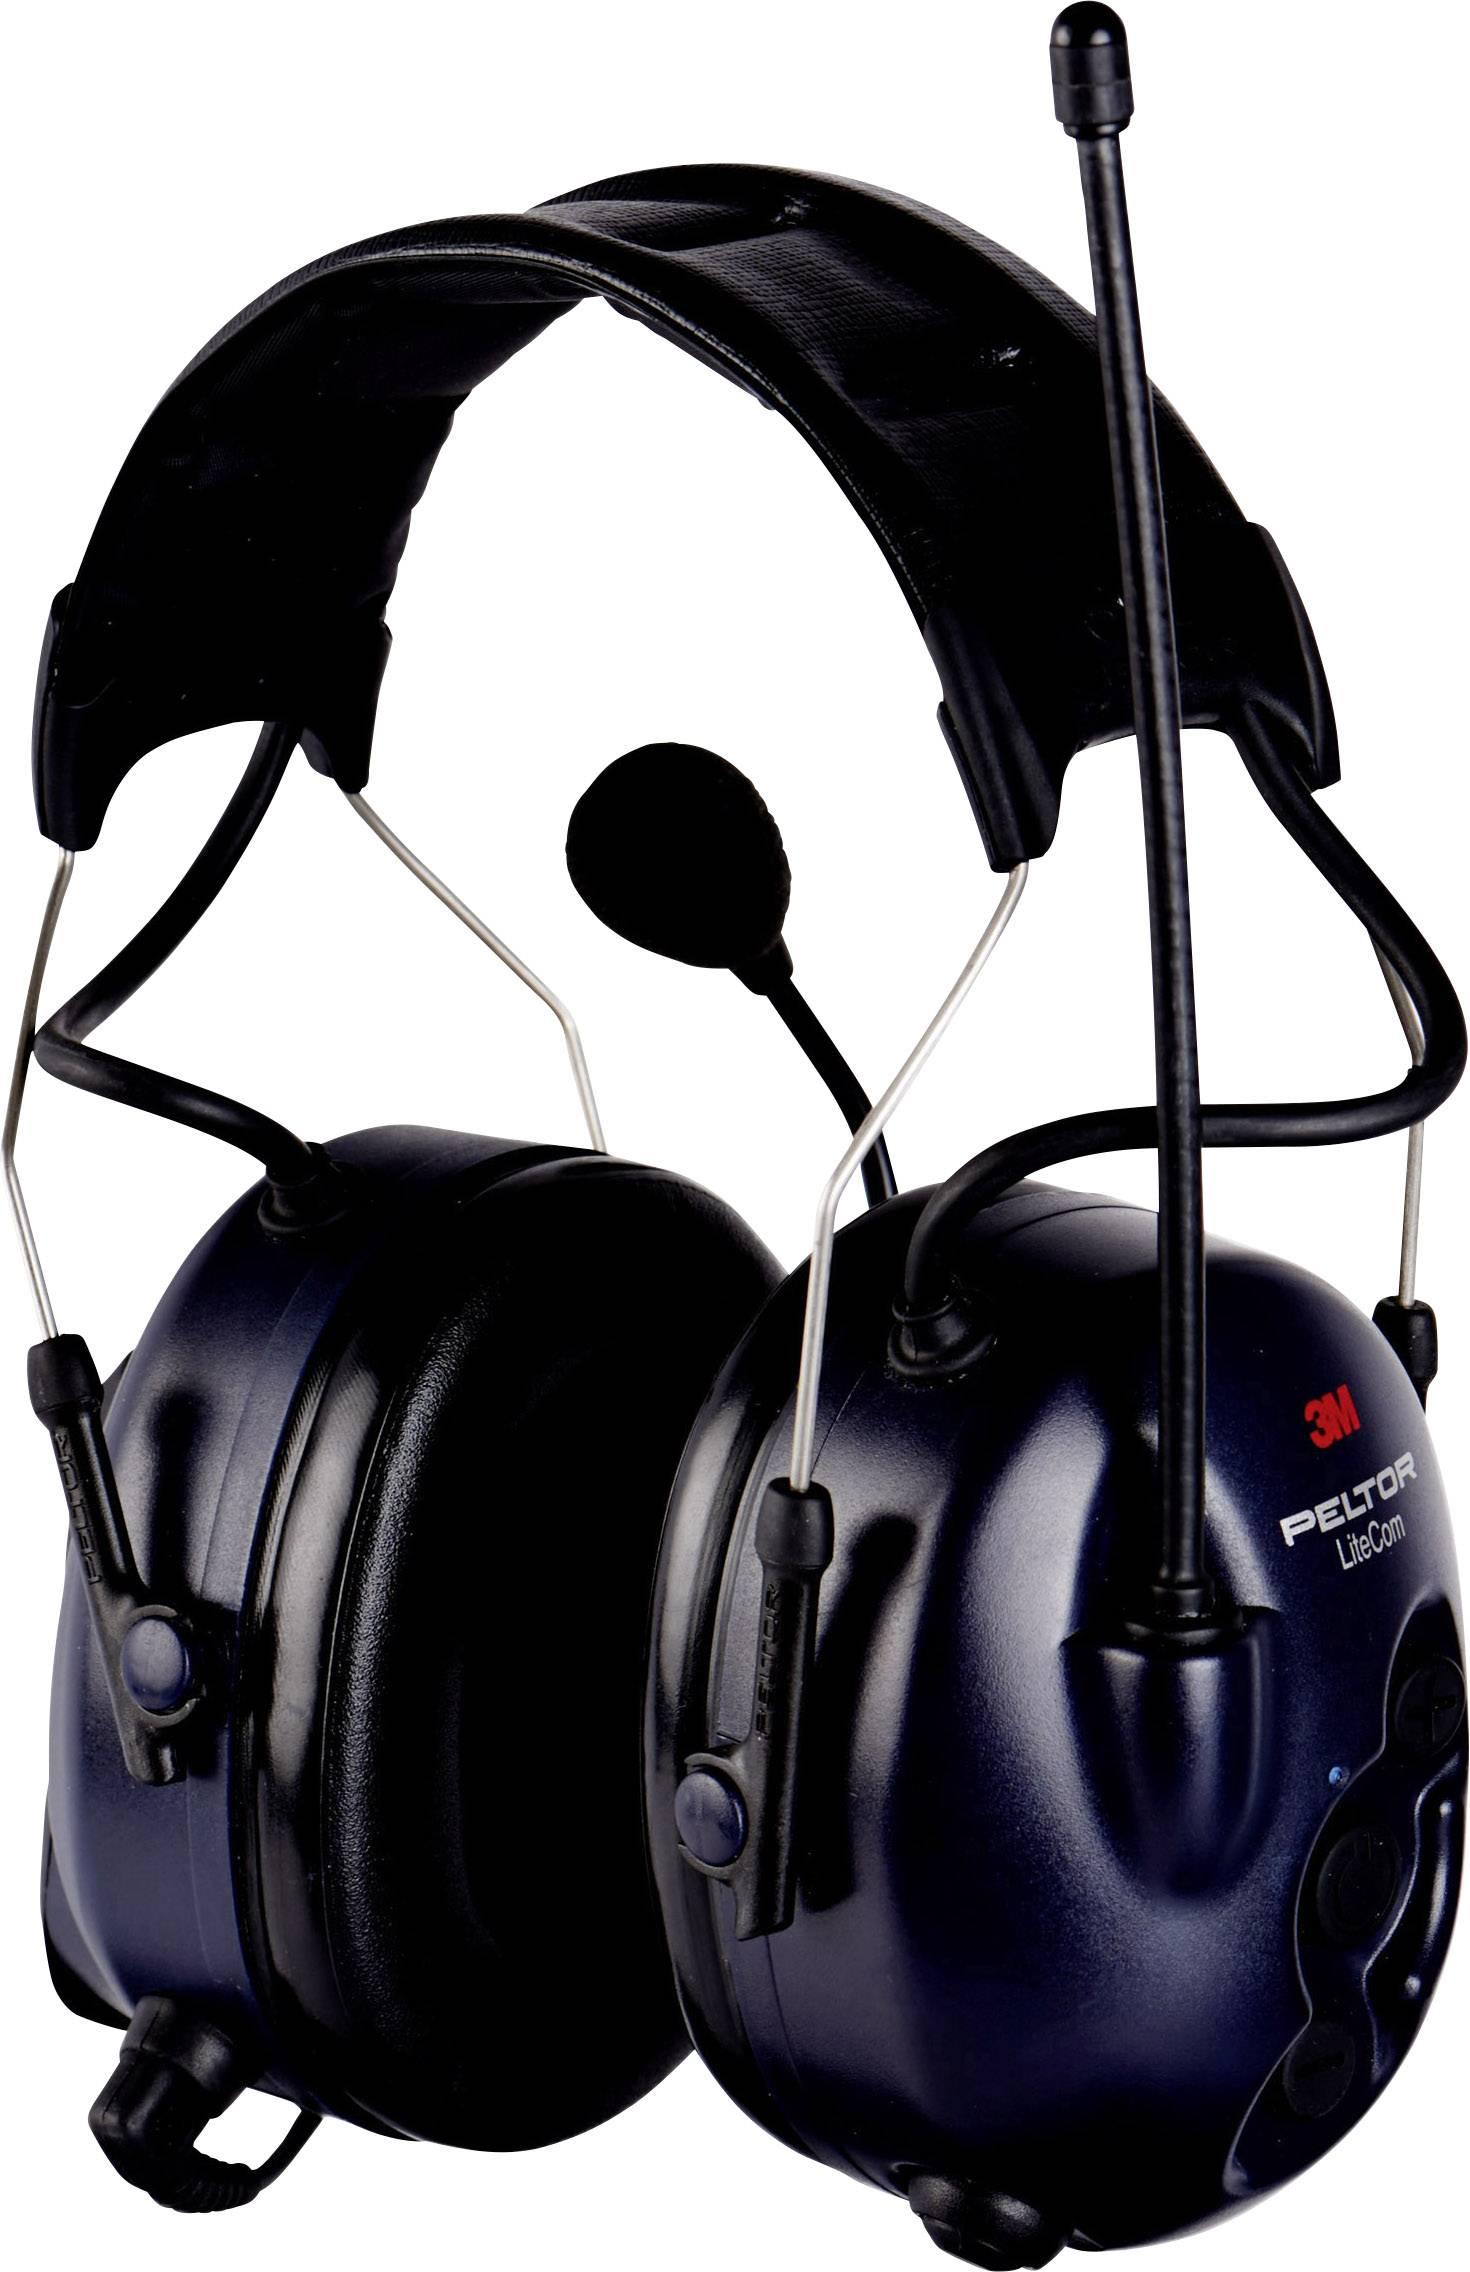 Headset s mušlovými chrániči sluchu 3M Peltor MT53H7A4400-EU LiteCom, 32 dB, 1 ks